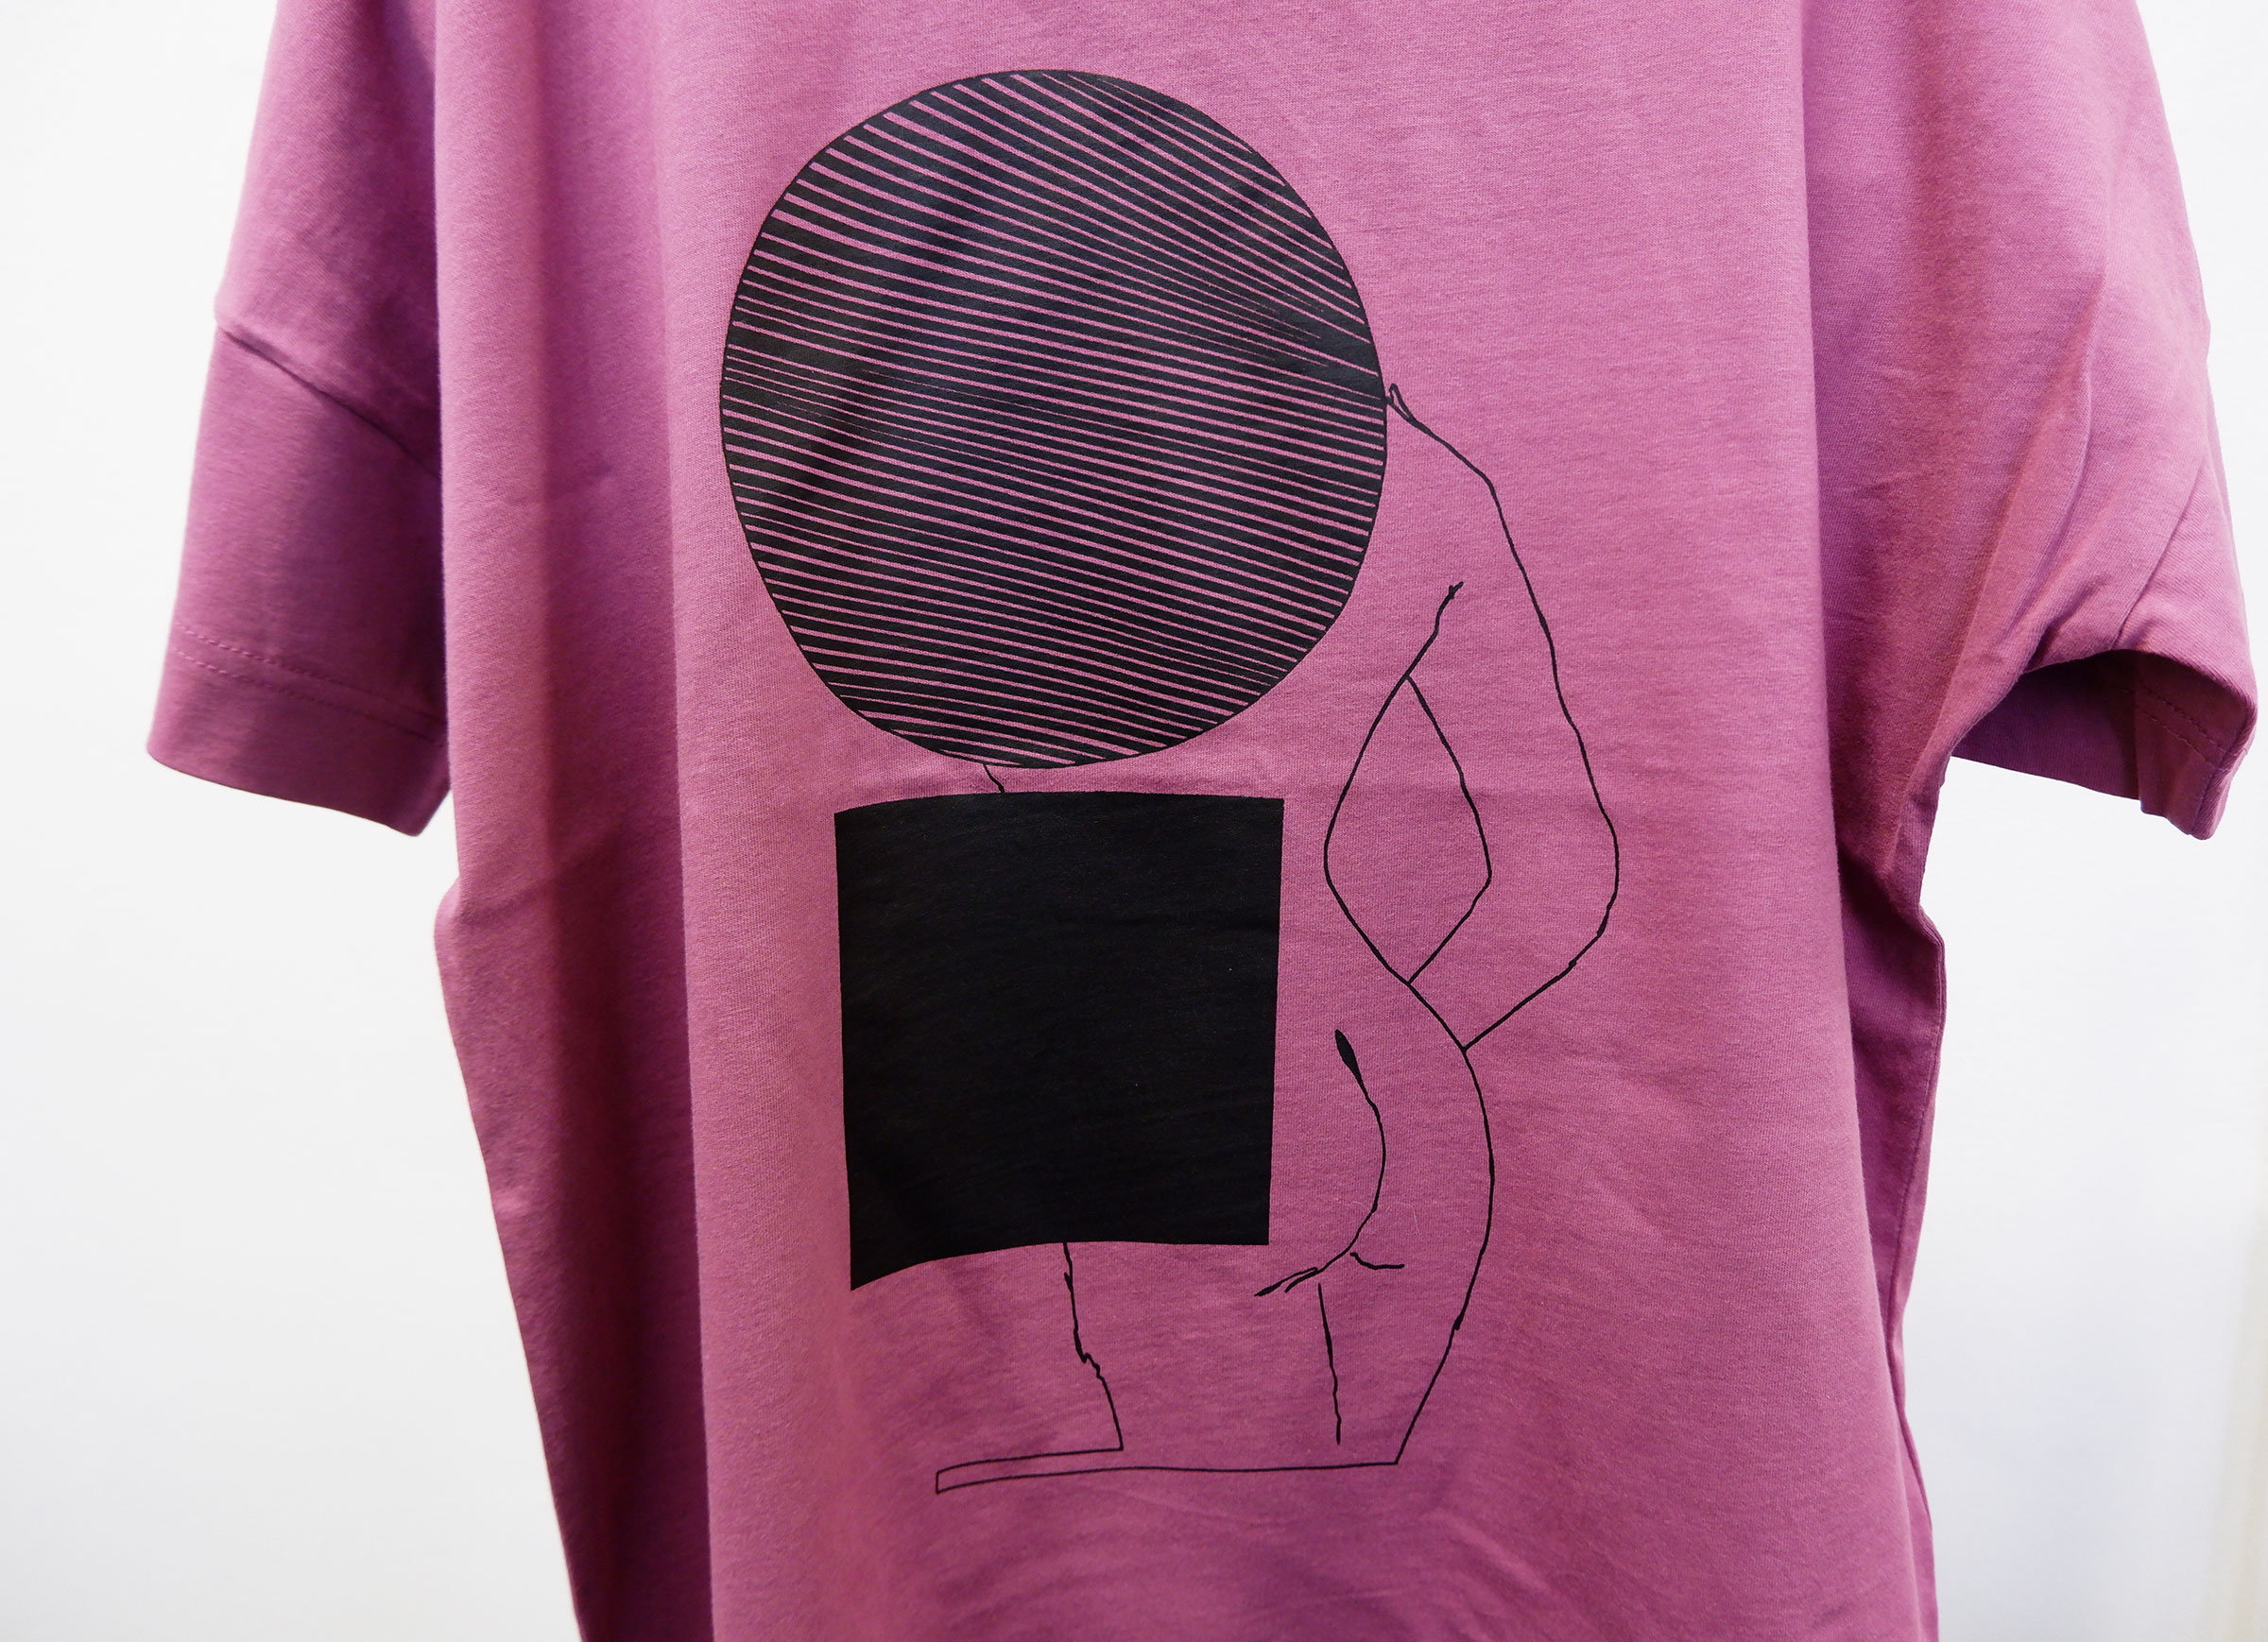 Nová limitovaná edice triček s potiskem, aby bylo na jaře co nosit